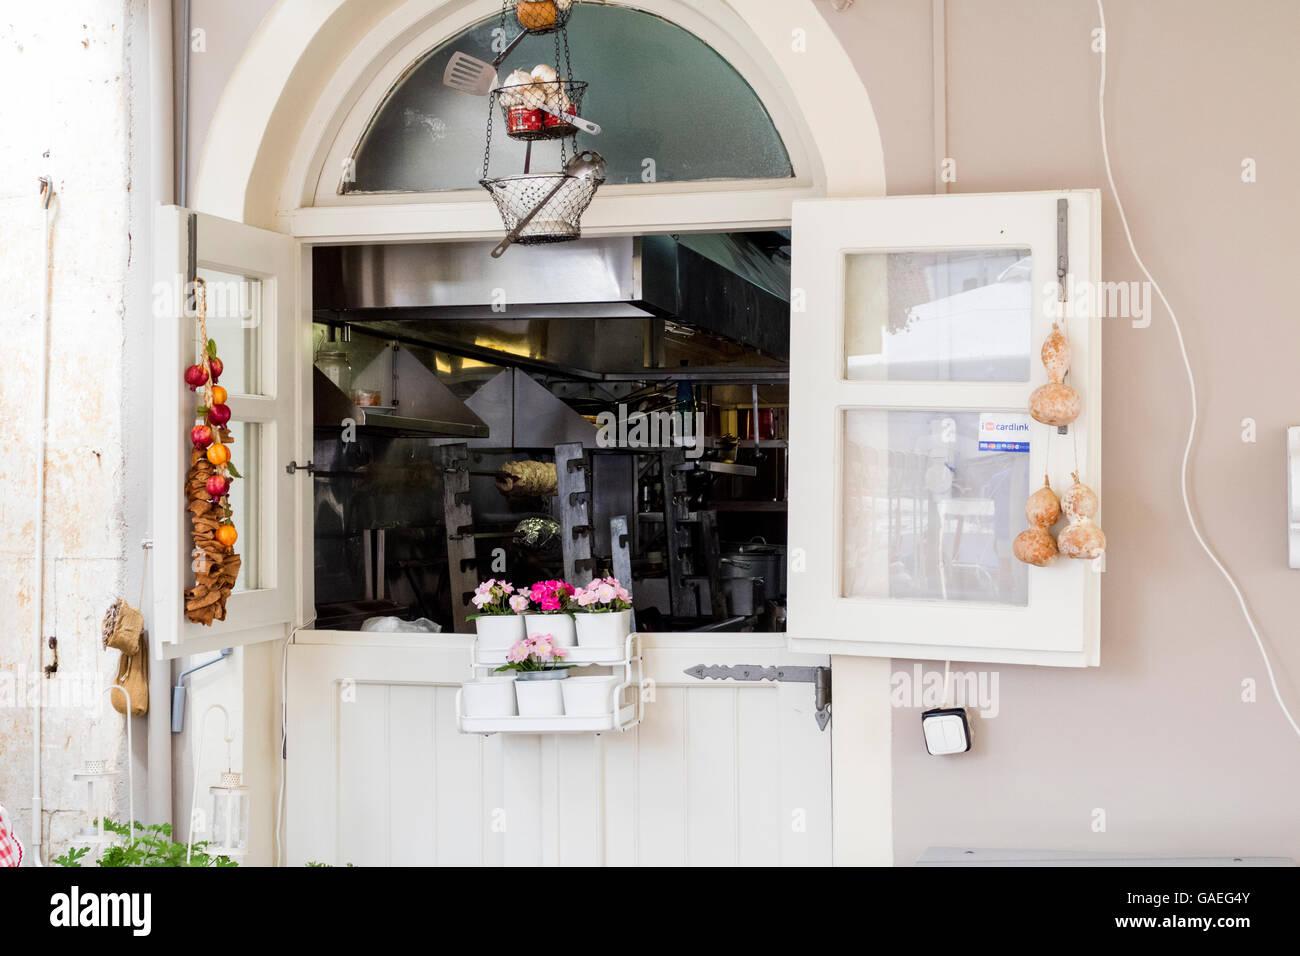 Aprire la finestra, Ristorante Cucina finestra, interni e esterni ...